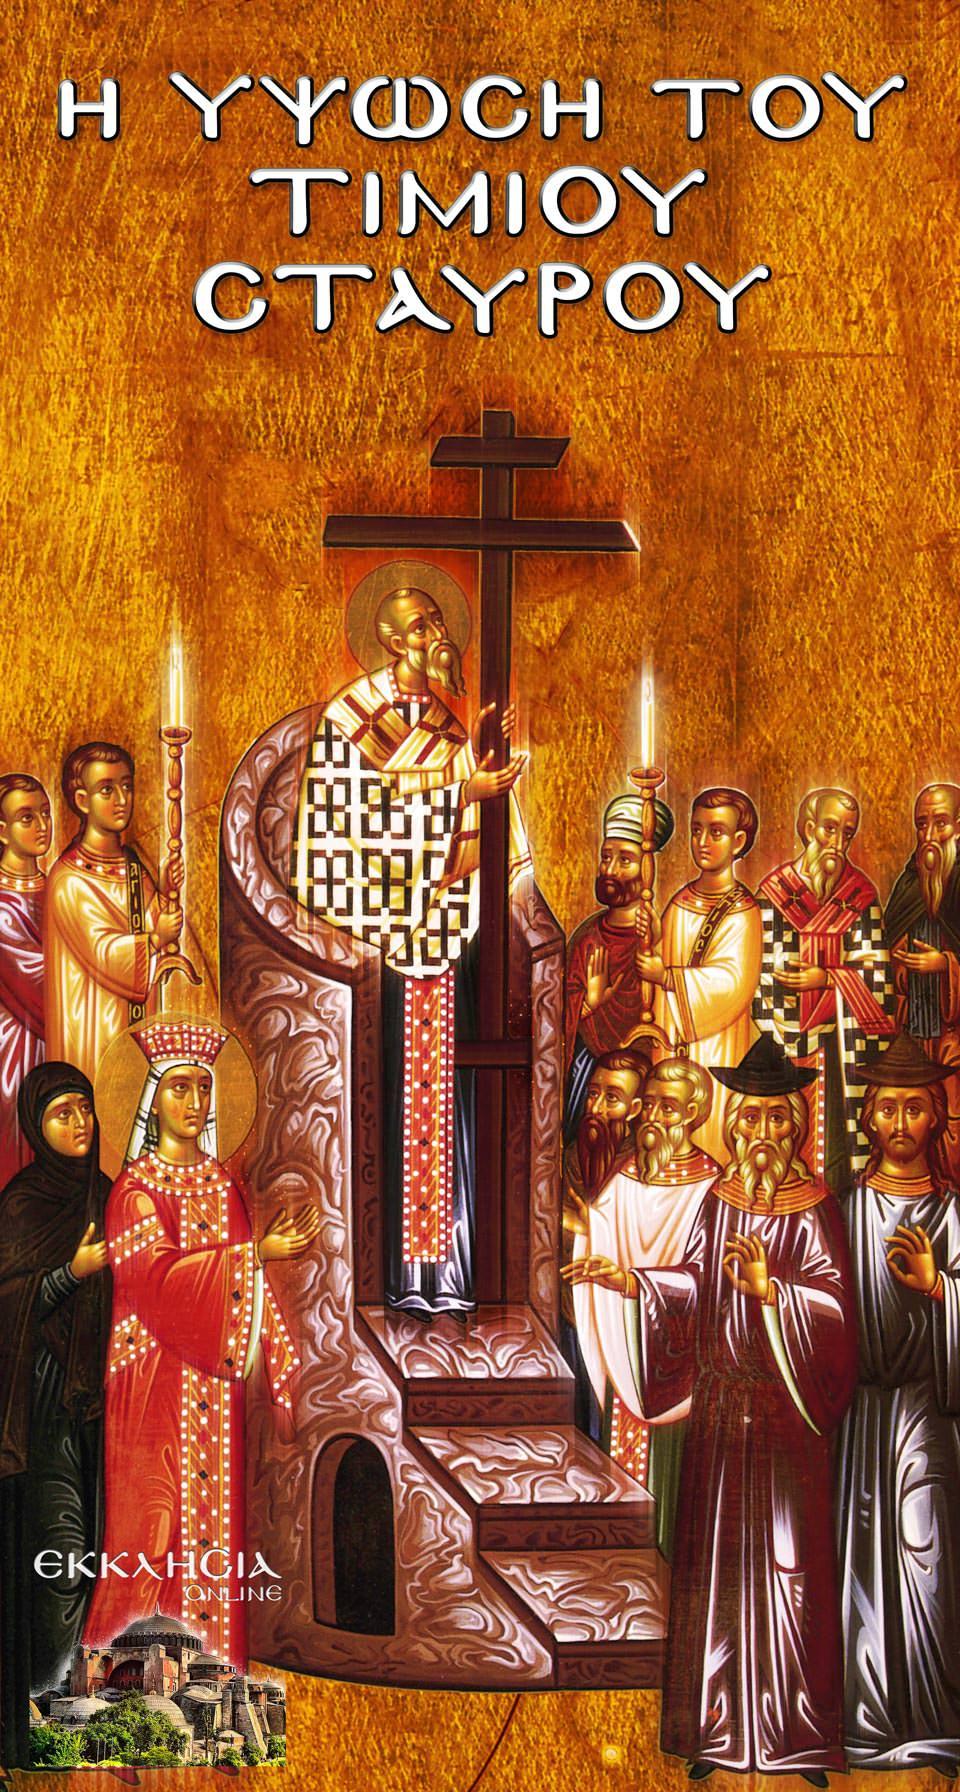 ύψωση τιμίου σταυρού